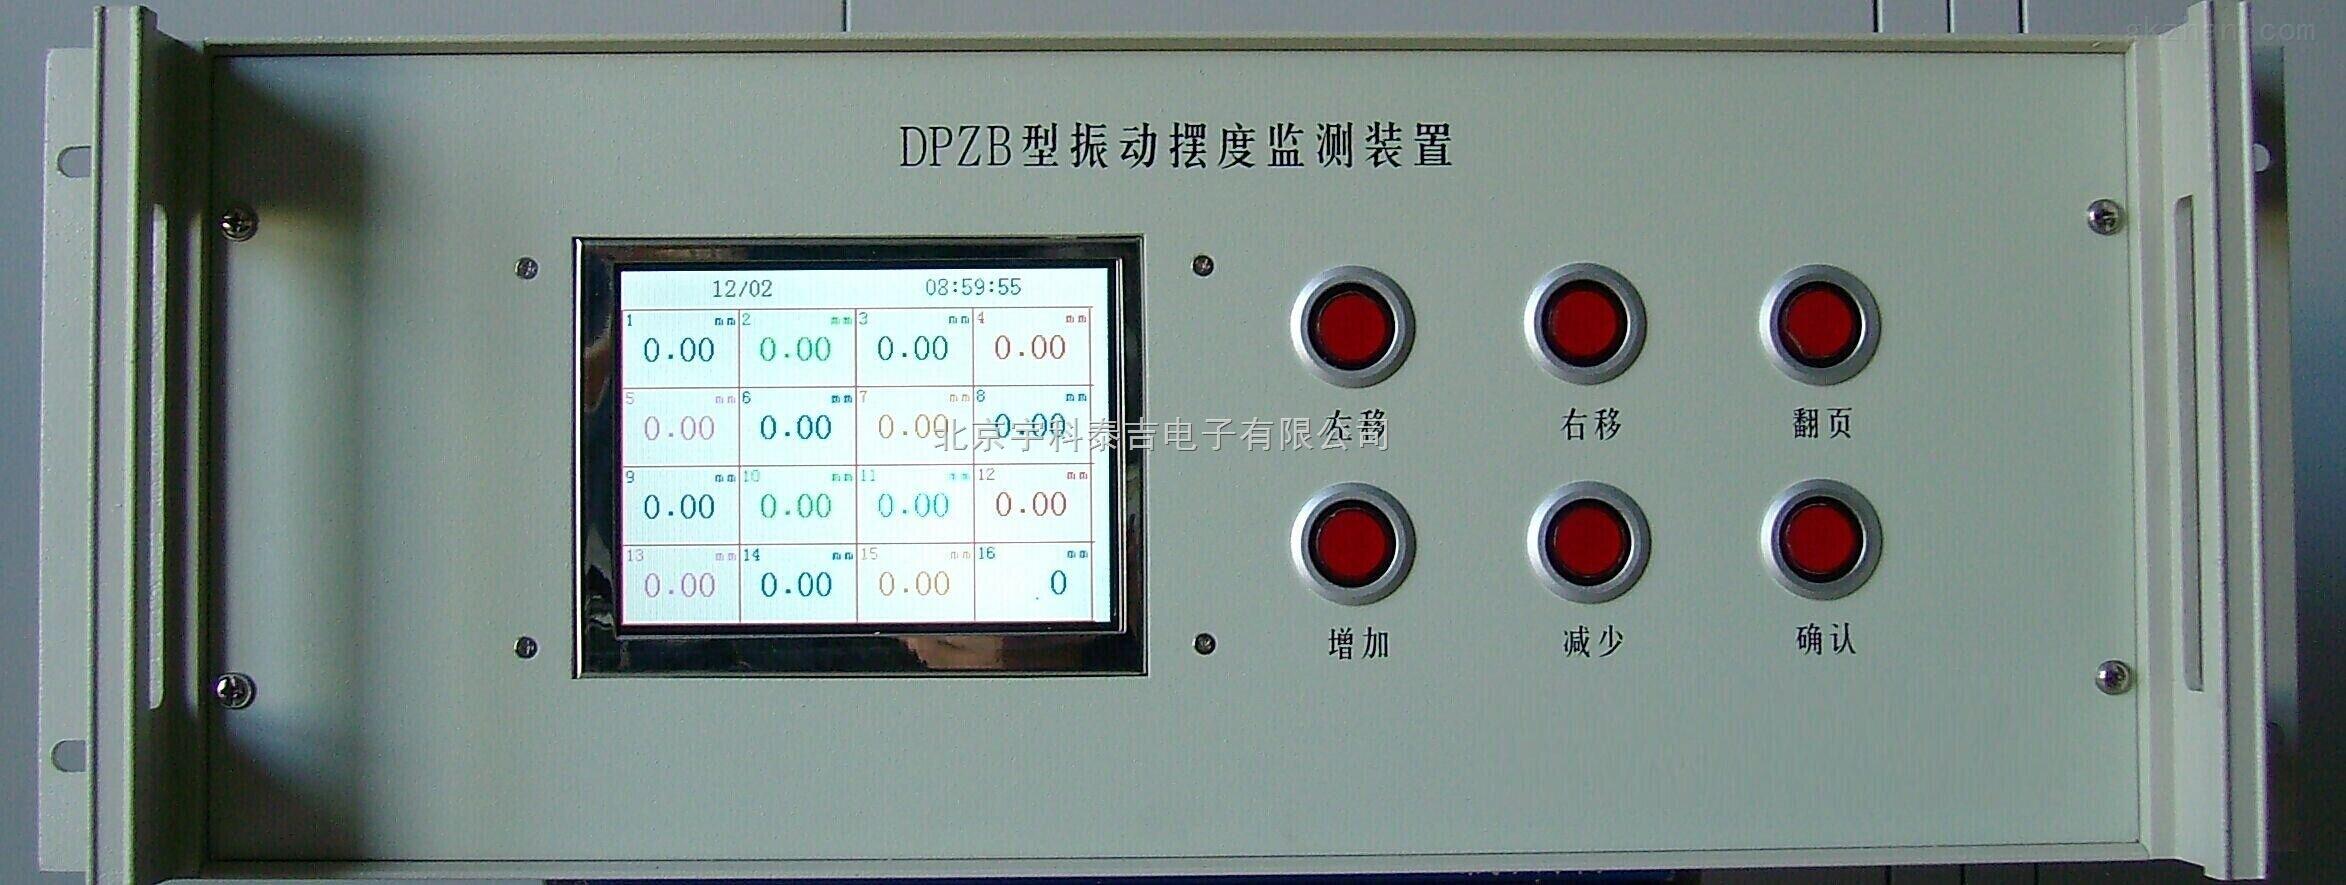 DPZB型振动摆度监测装置